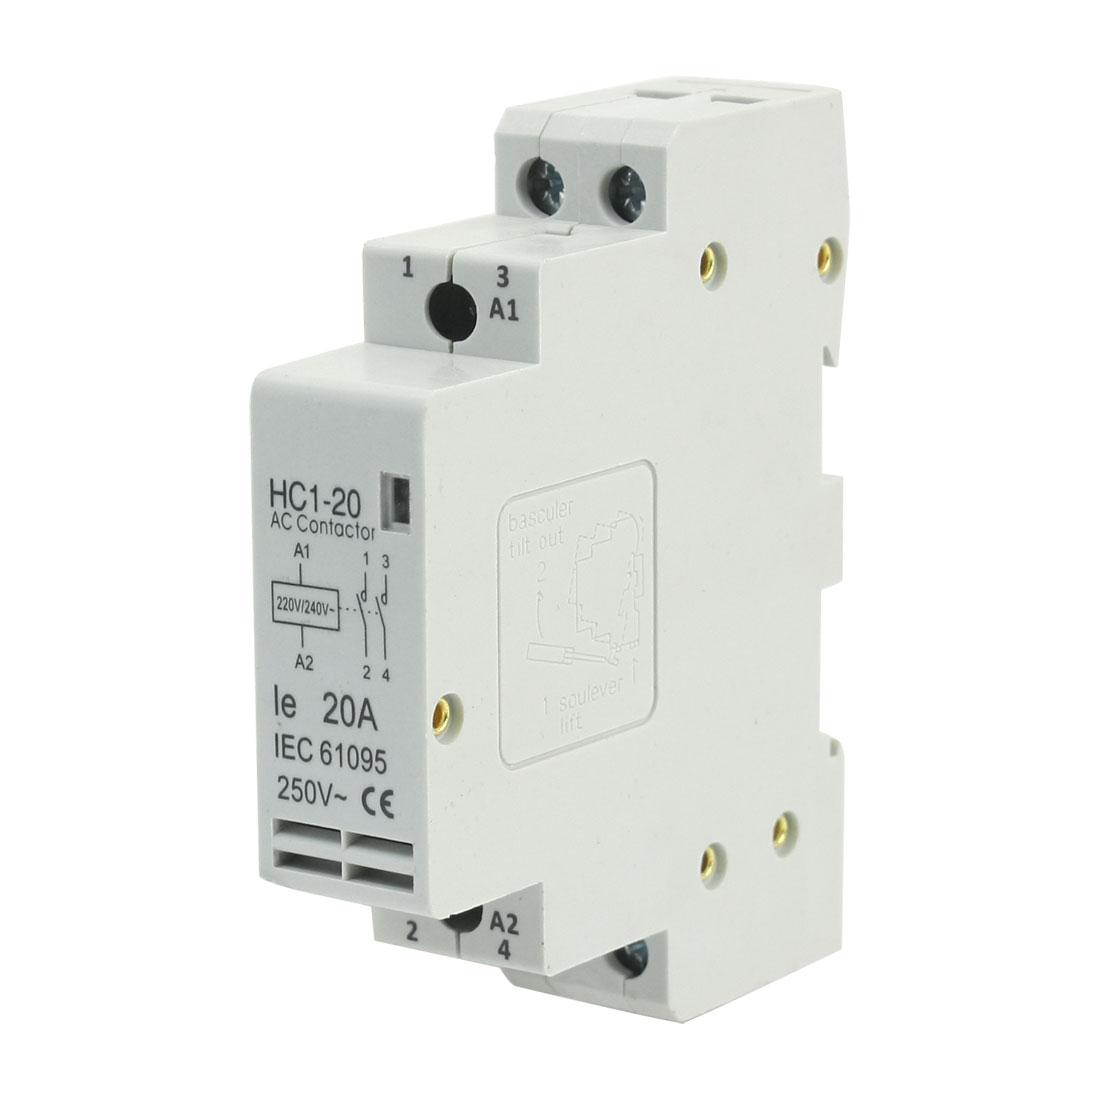 HC1-20 Household 220/240V Coil 20A AC 250V 2P Enclosed AC Contactor